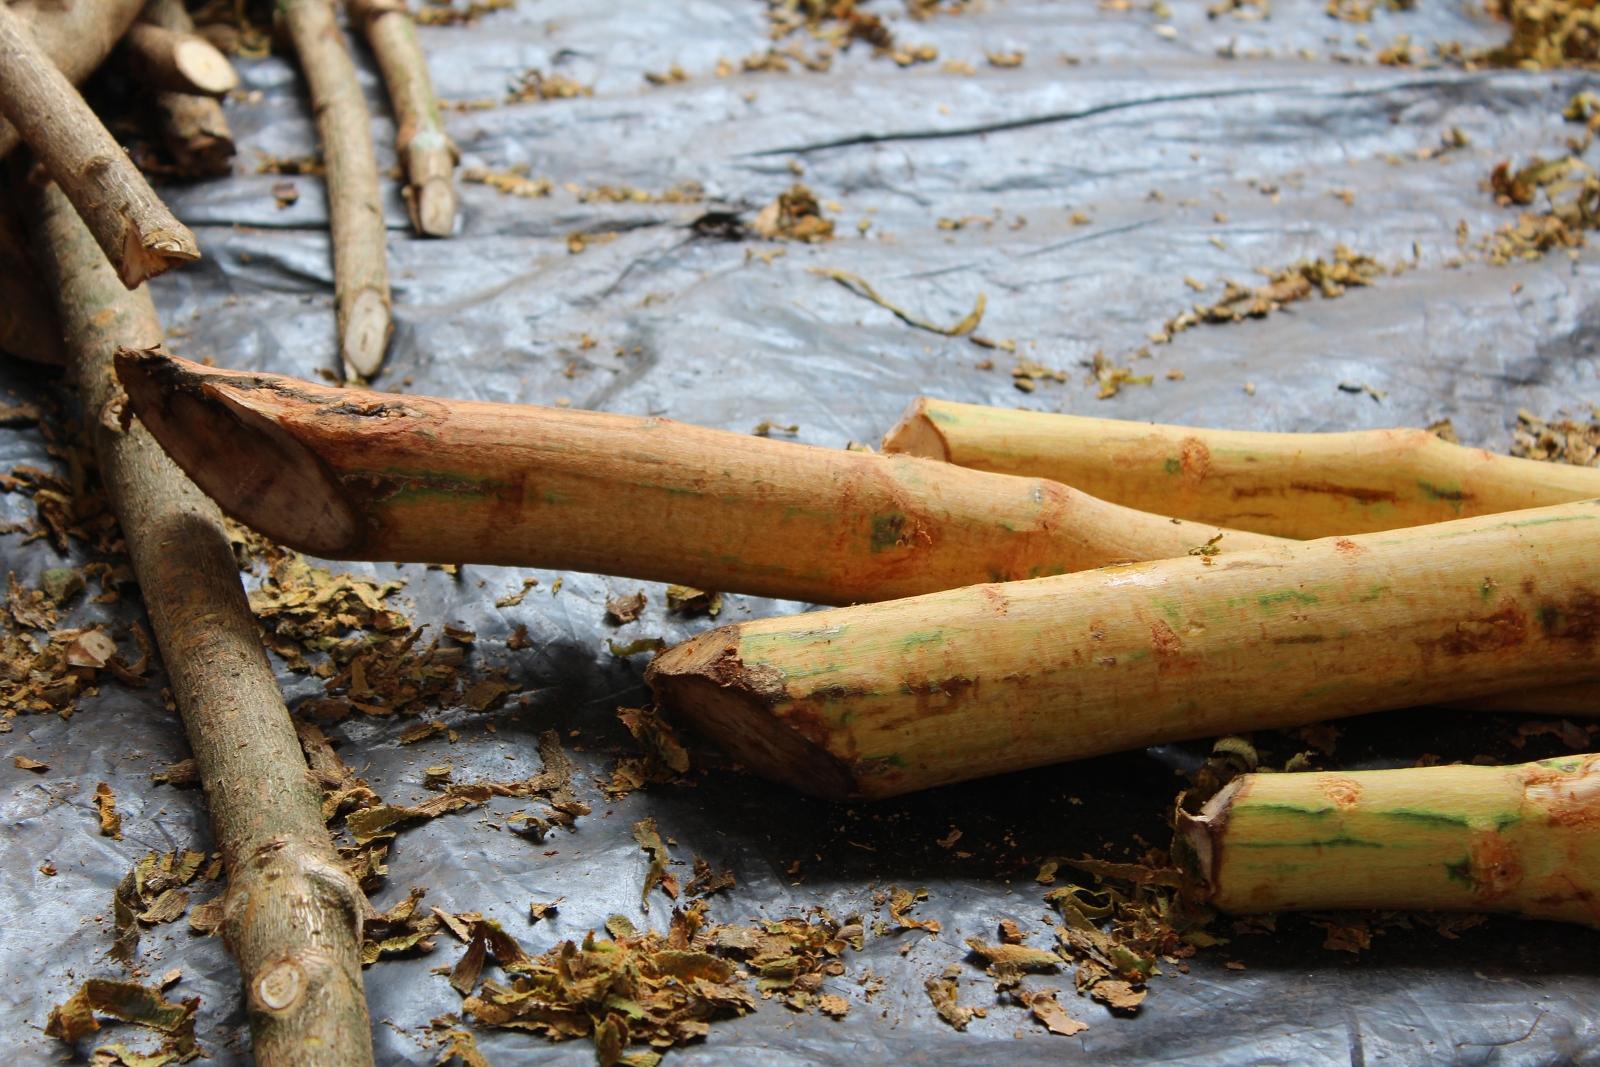 Ceylon Cinnamon Ayagama